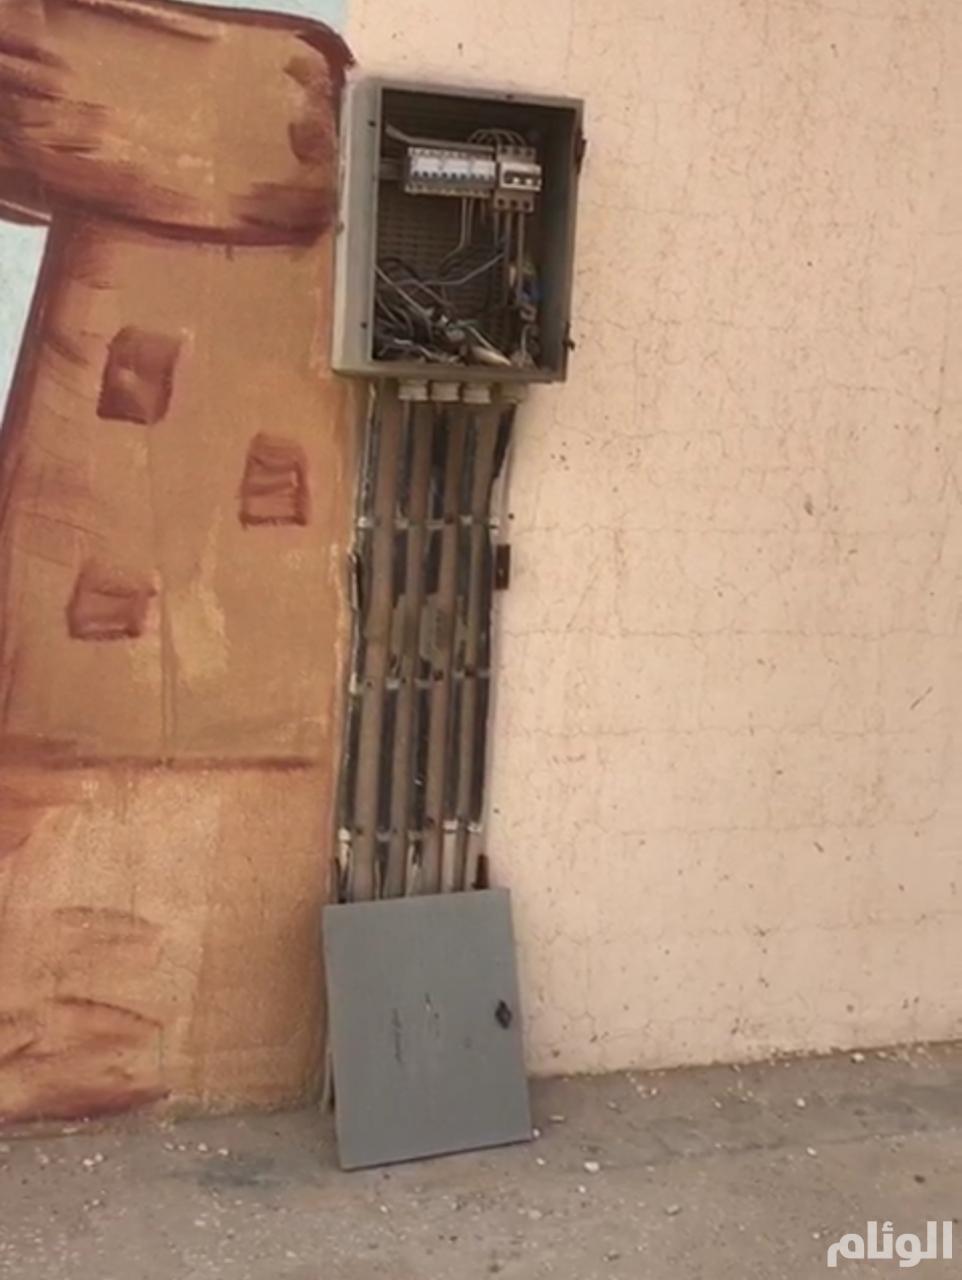 كهرباء مكشوفة وأسياخ حديد بارزة تهدد طلاب مدرسة شرق الرياض